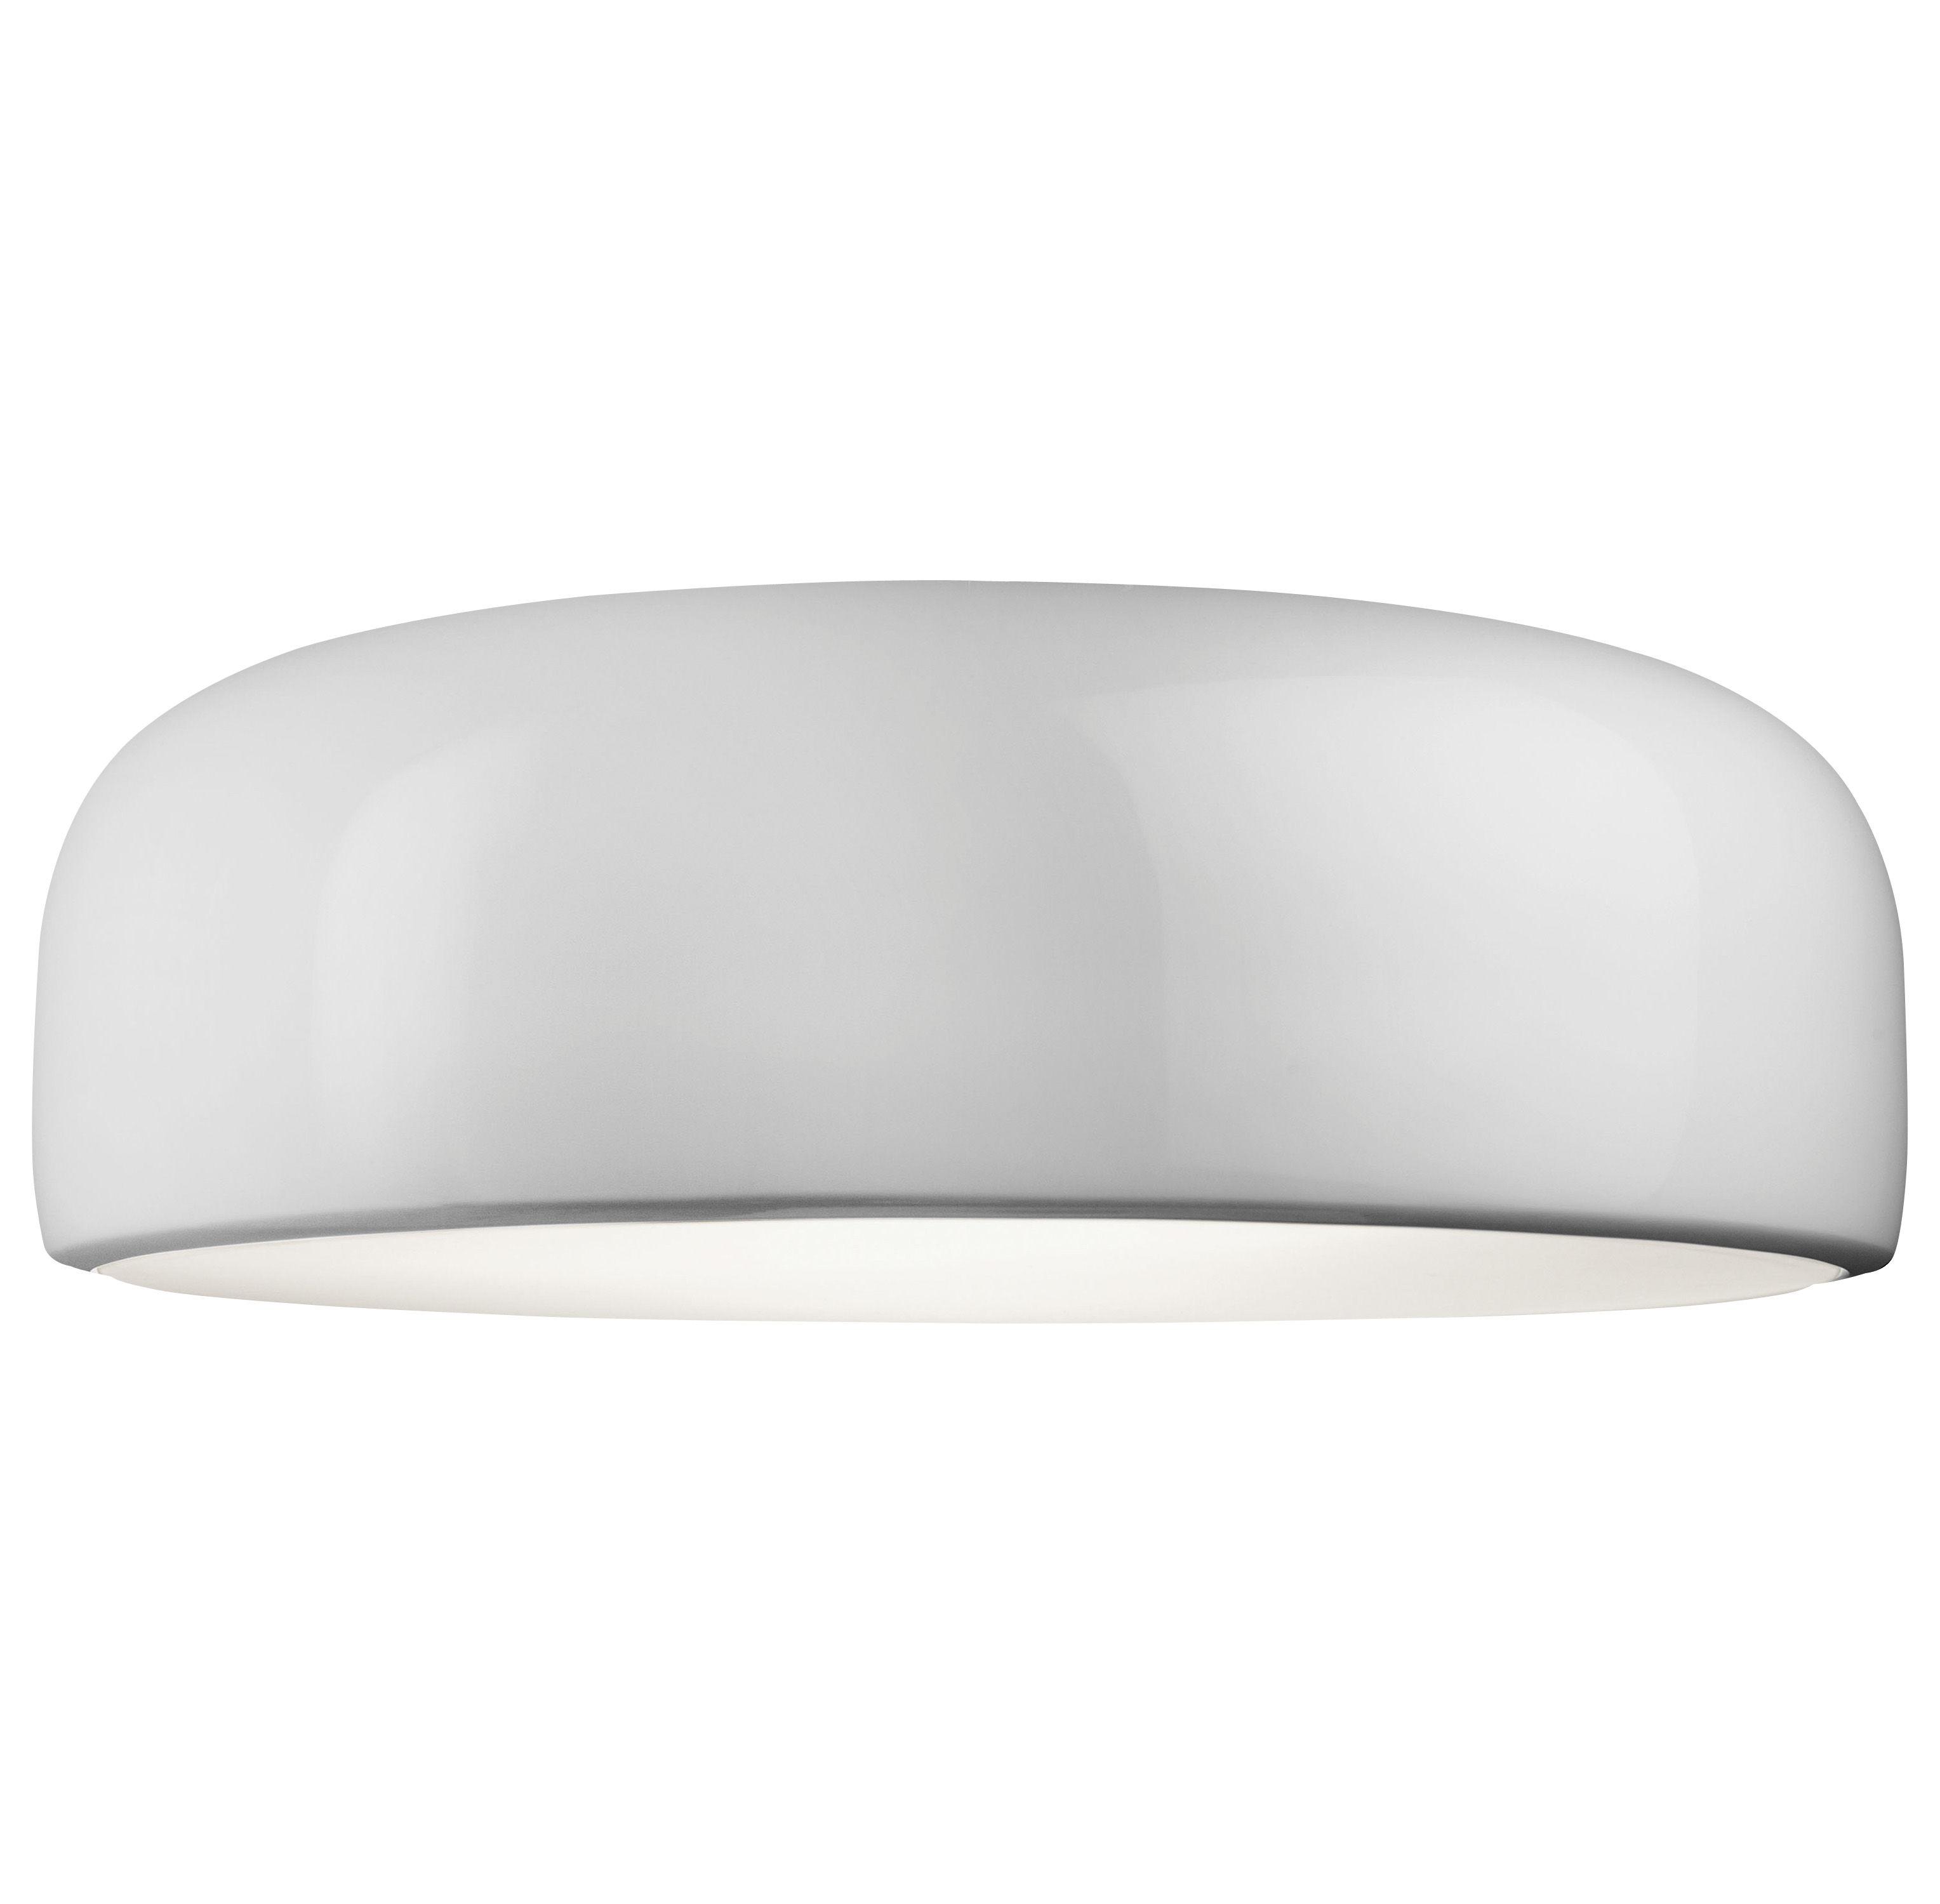 Leuchten - Deckenleuchten - Smithfield Deckenleuchte - Flos - Halogen – weiß - bemaltes Aluminium